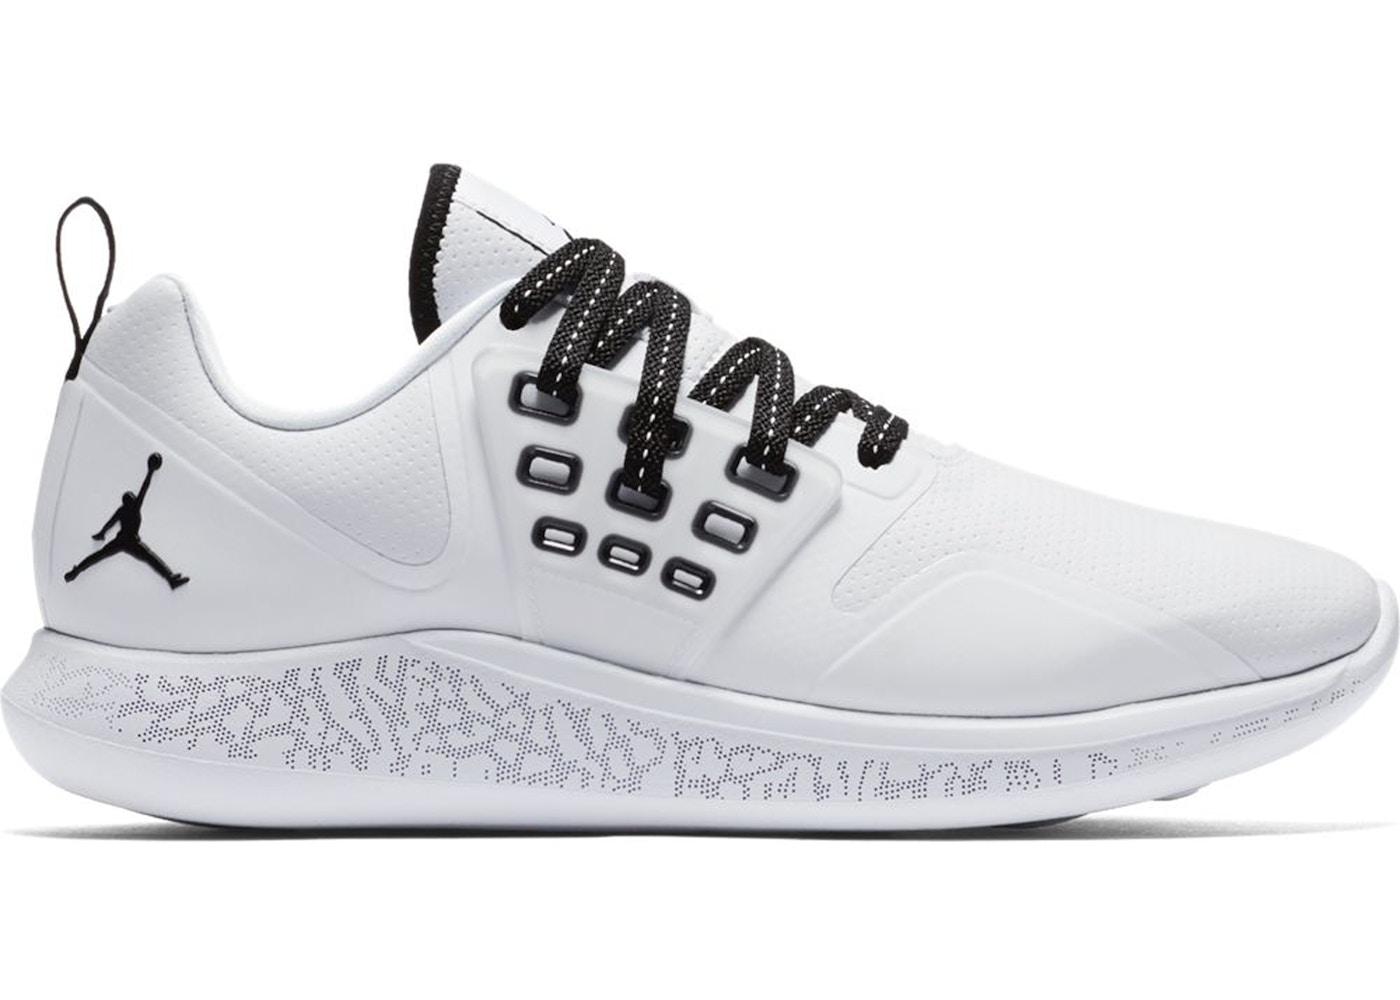 Jordan Grind White Black - AA4302-110